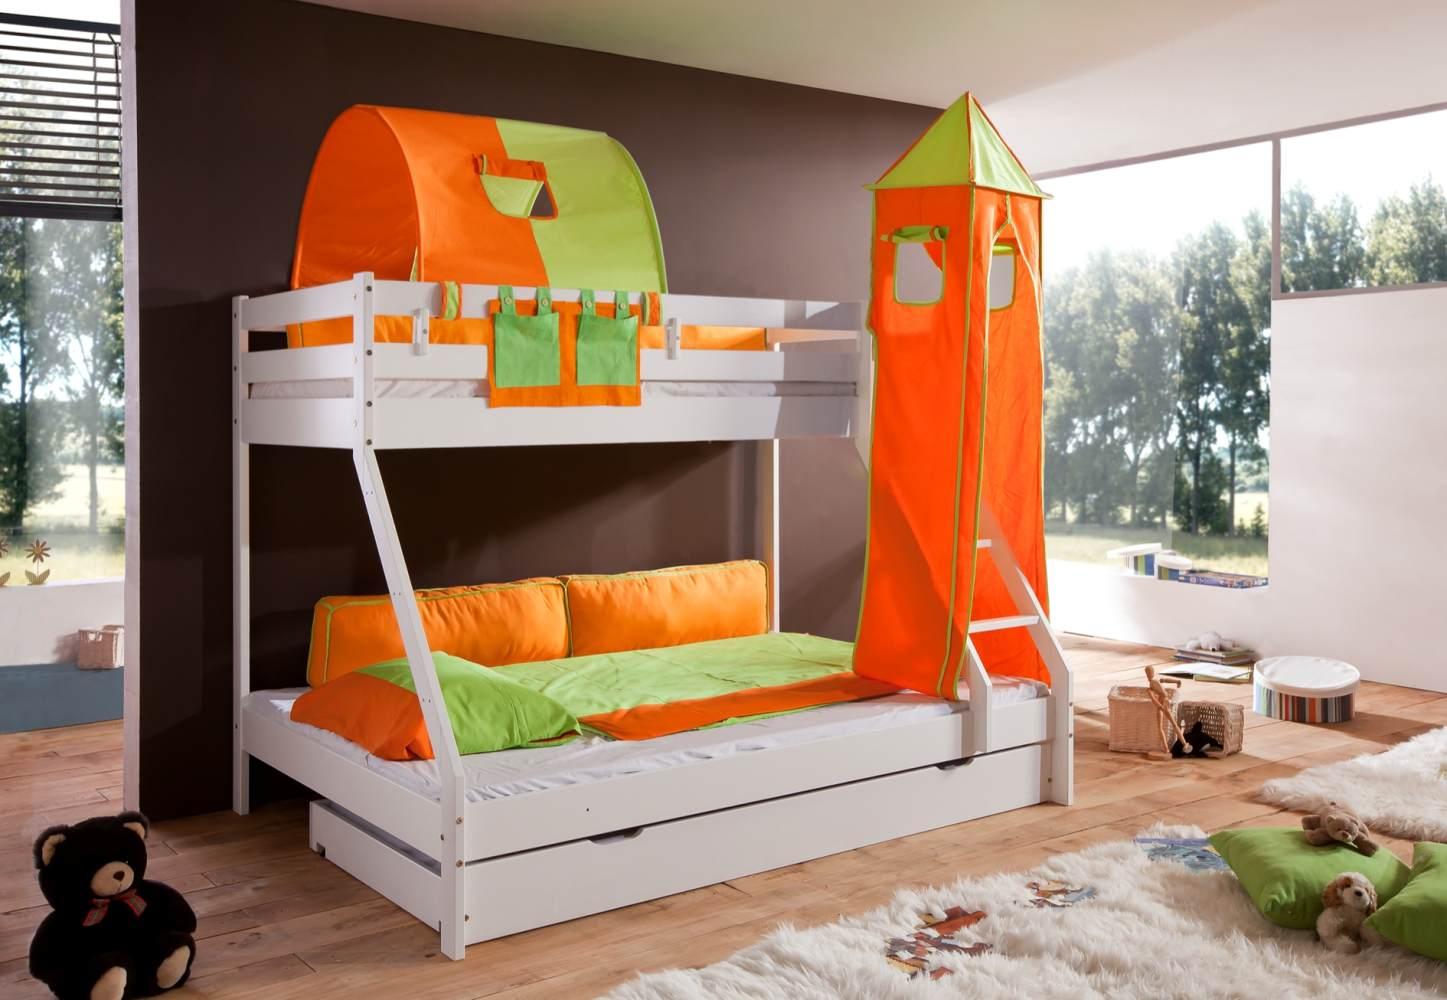 Relita 'Mike' Etagenbett weiß inkl. Bettschublade und Textilset 1-er Tunnel, Turm und Tasche 'grün/orange' Bild 1